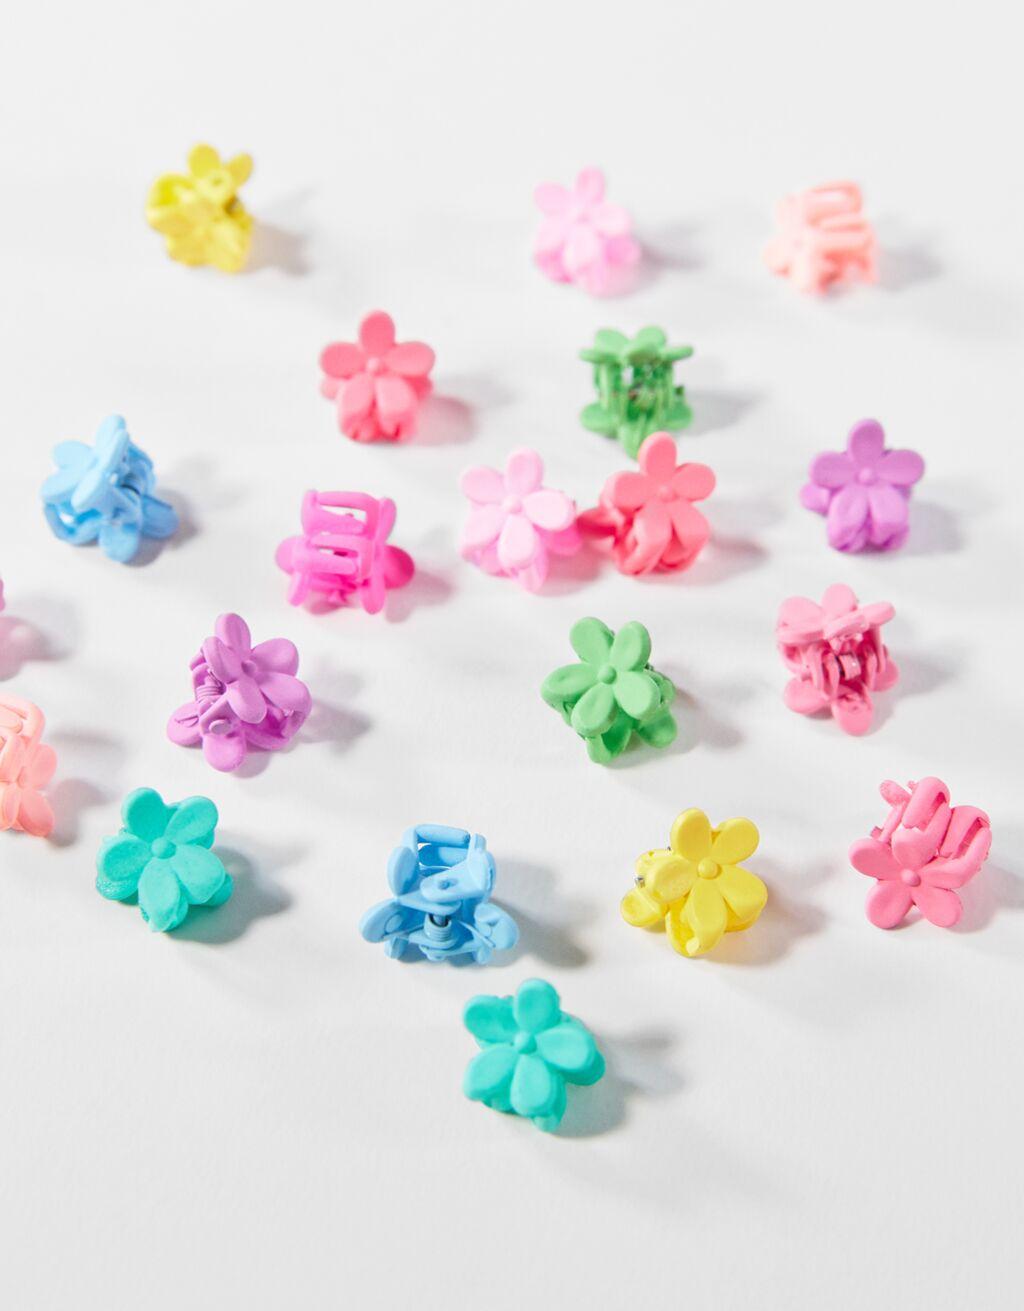 Pack de 20 minipinzas multicolor.